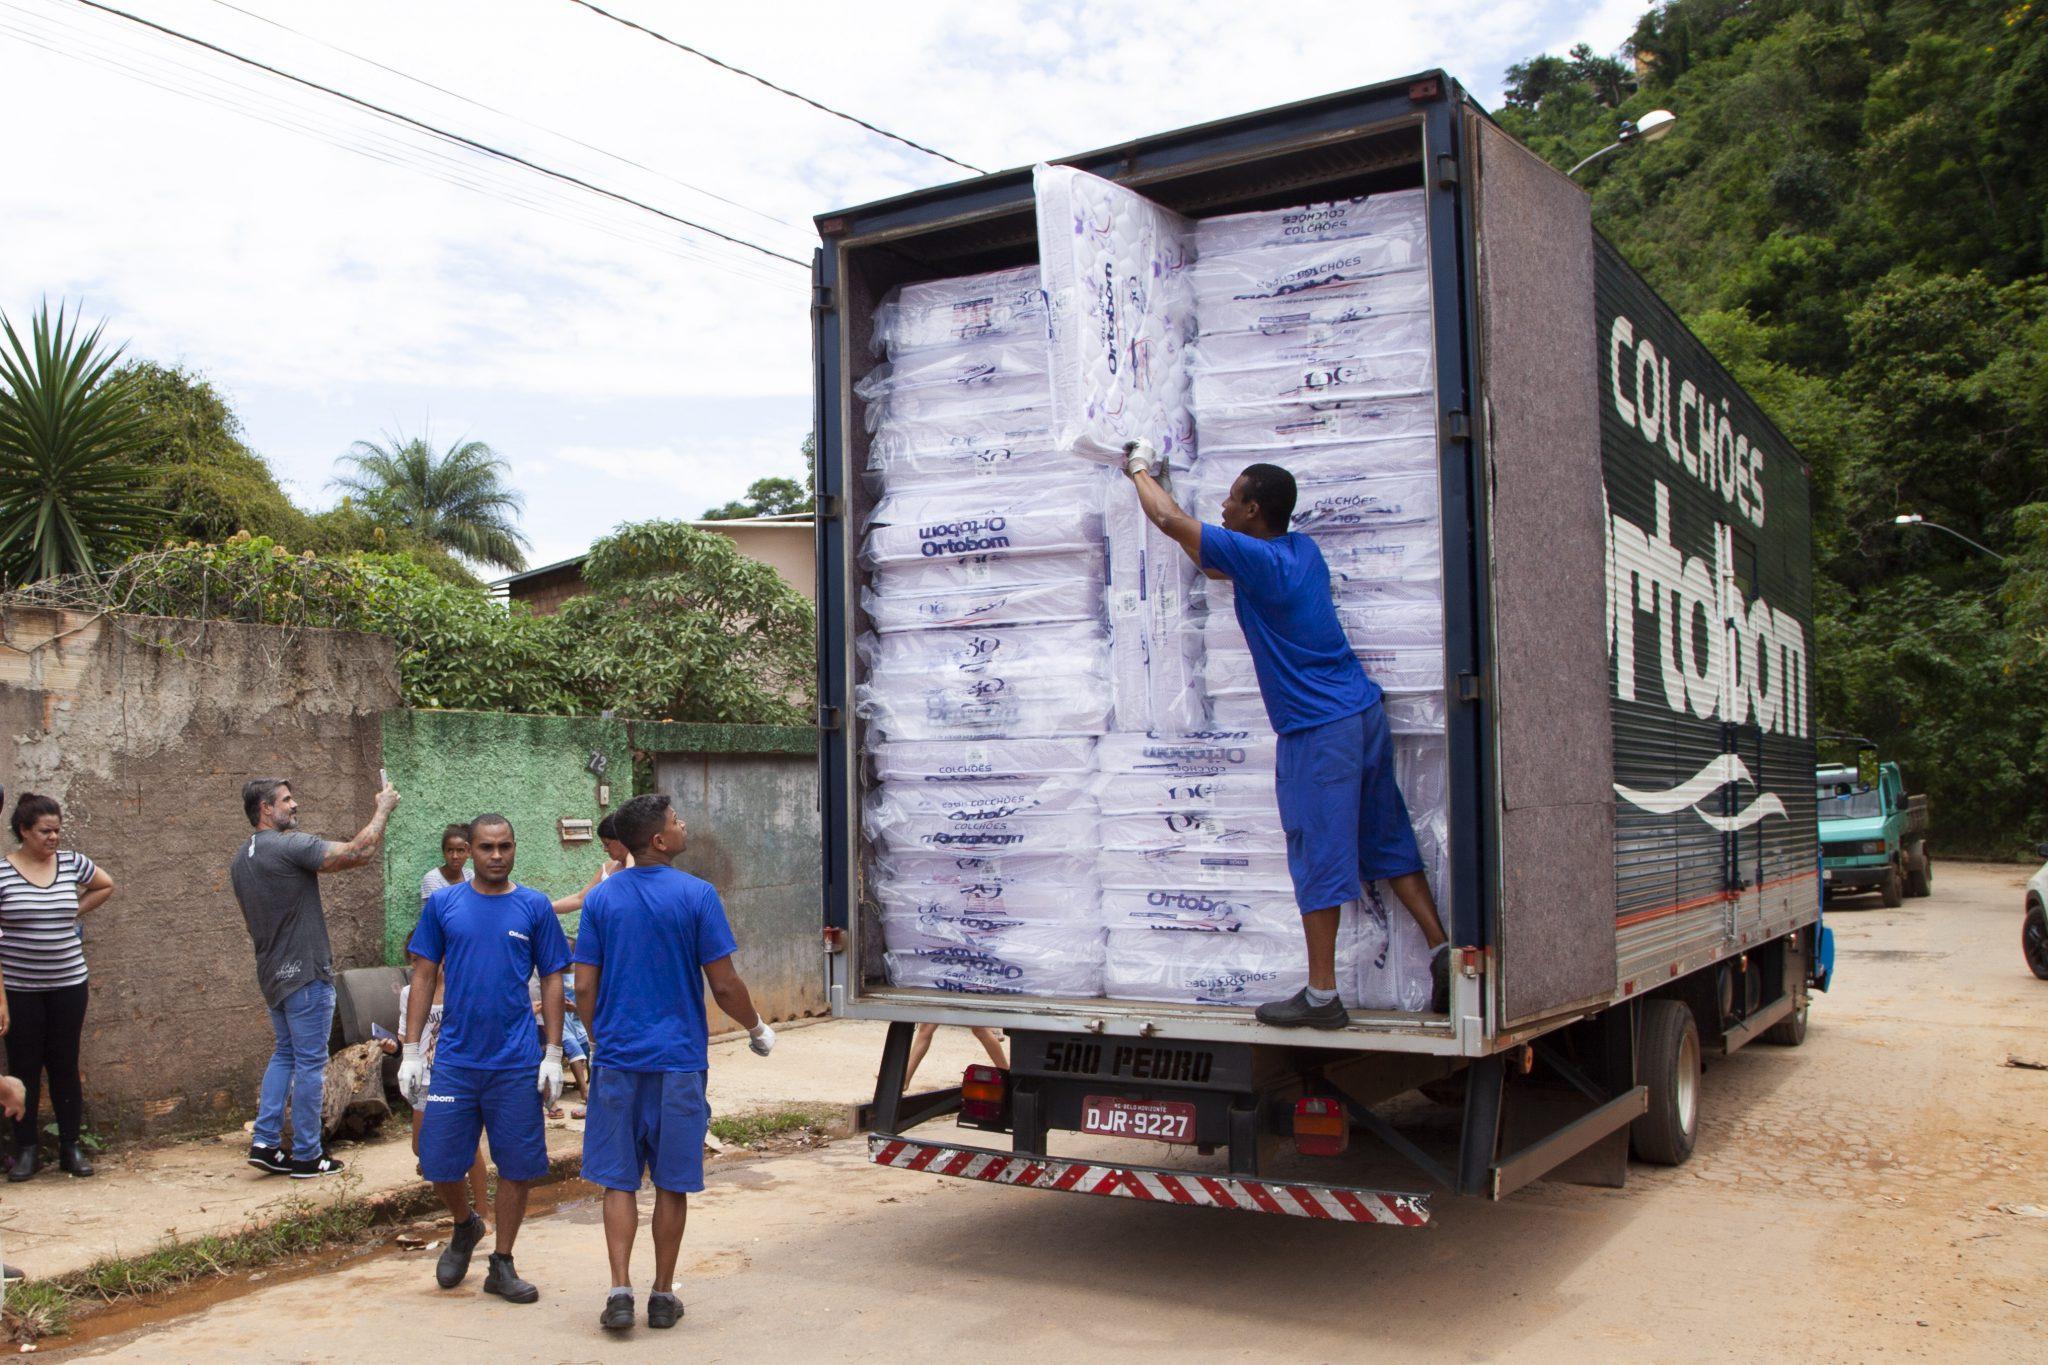 caminhão da Ortobom com os 500 colchões